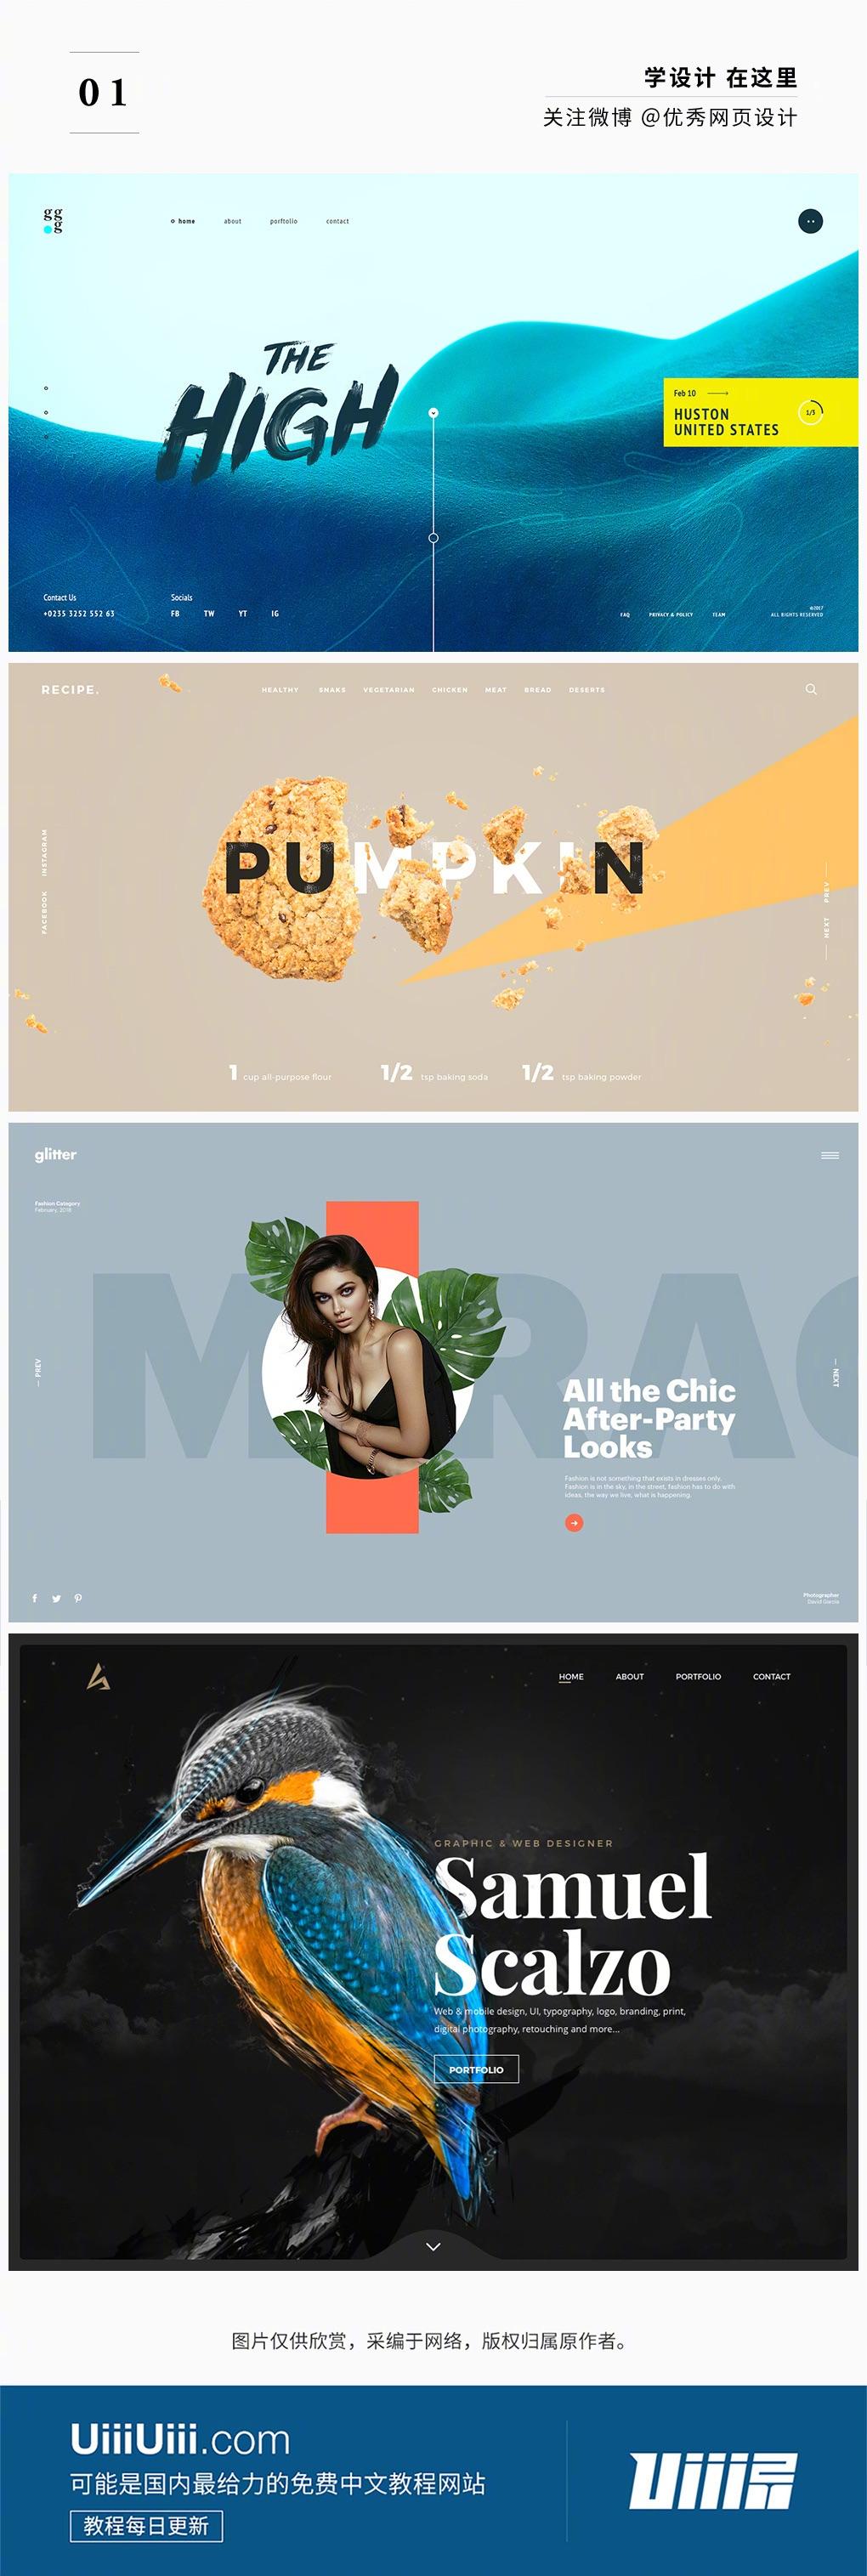 主标题怎样设计才能更吸引人?